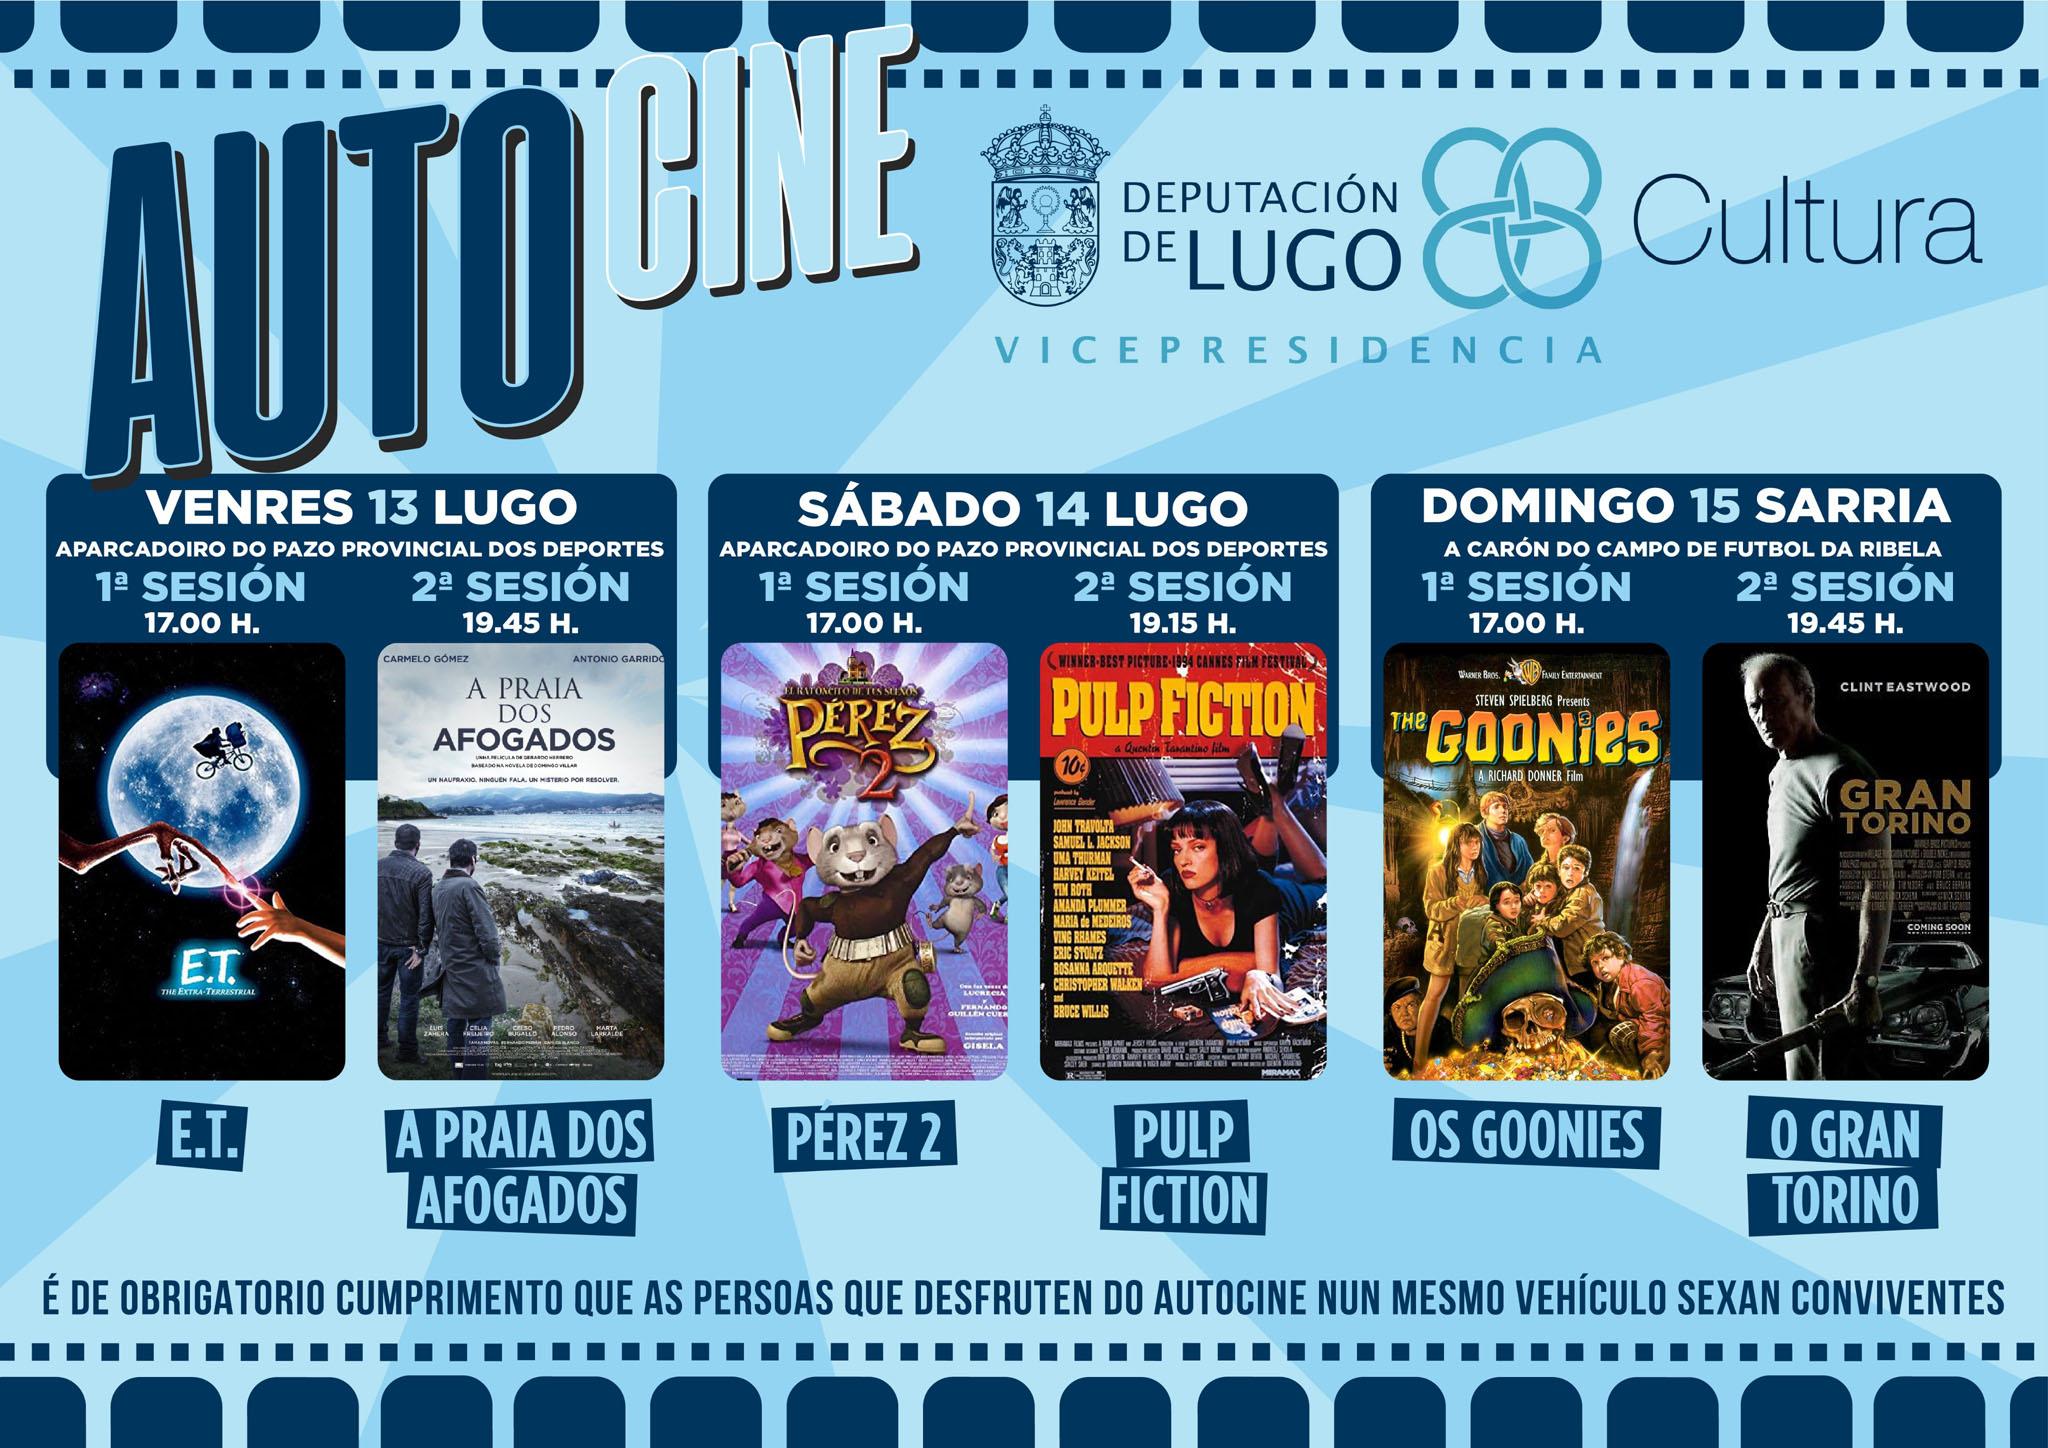 Autocine de Lugo